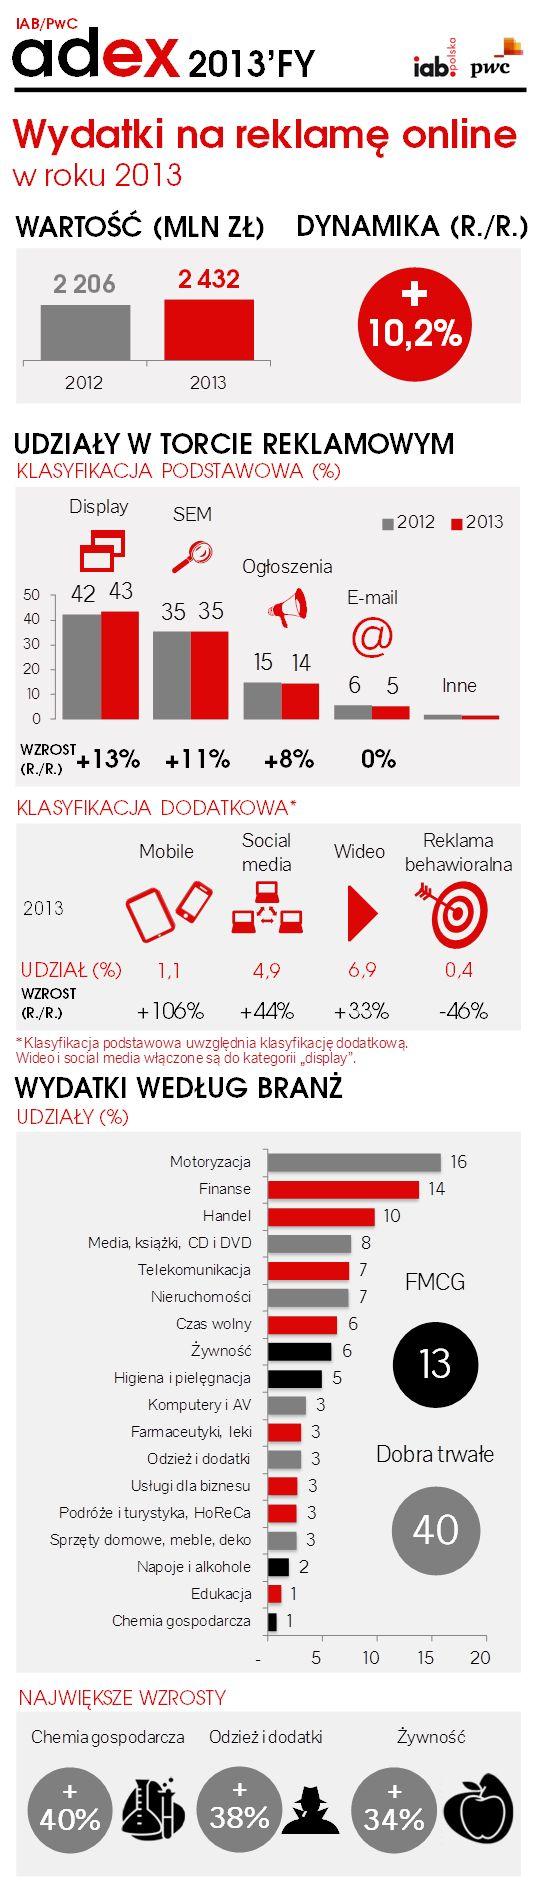 IAB Adex 2013 http://iab.org.pl/aktualnosci/iab-adex-2013-wartosc-reklamy-online-w-2013-roku-wzrosla-o-ponad-10-2/